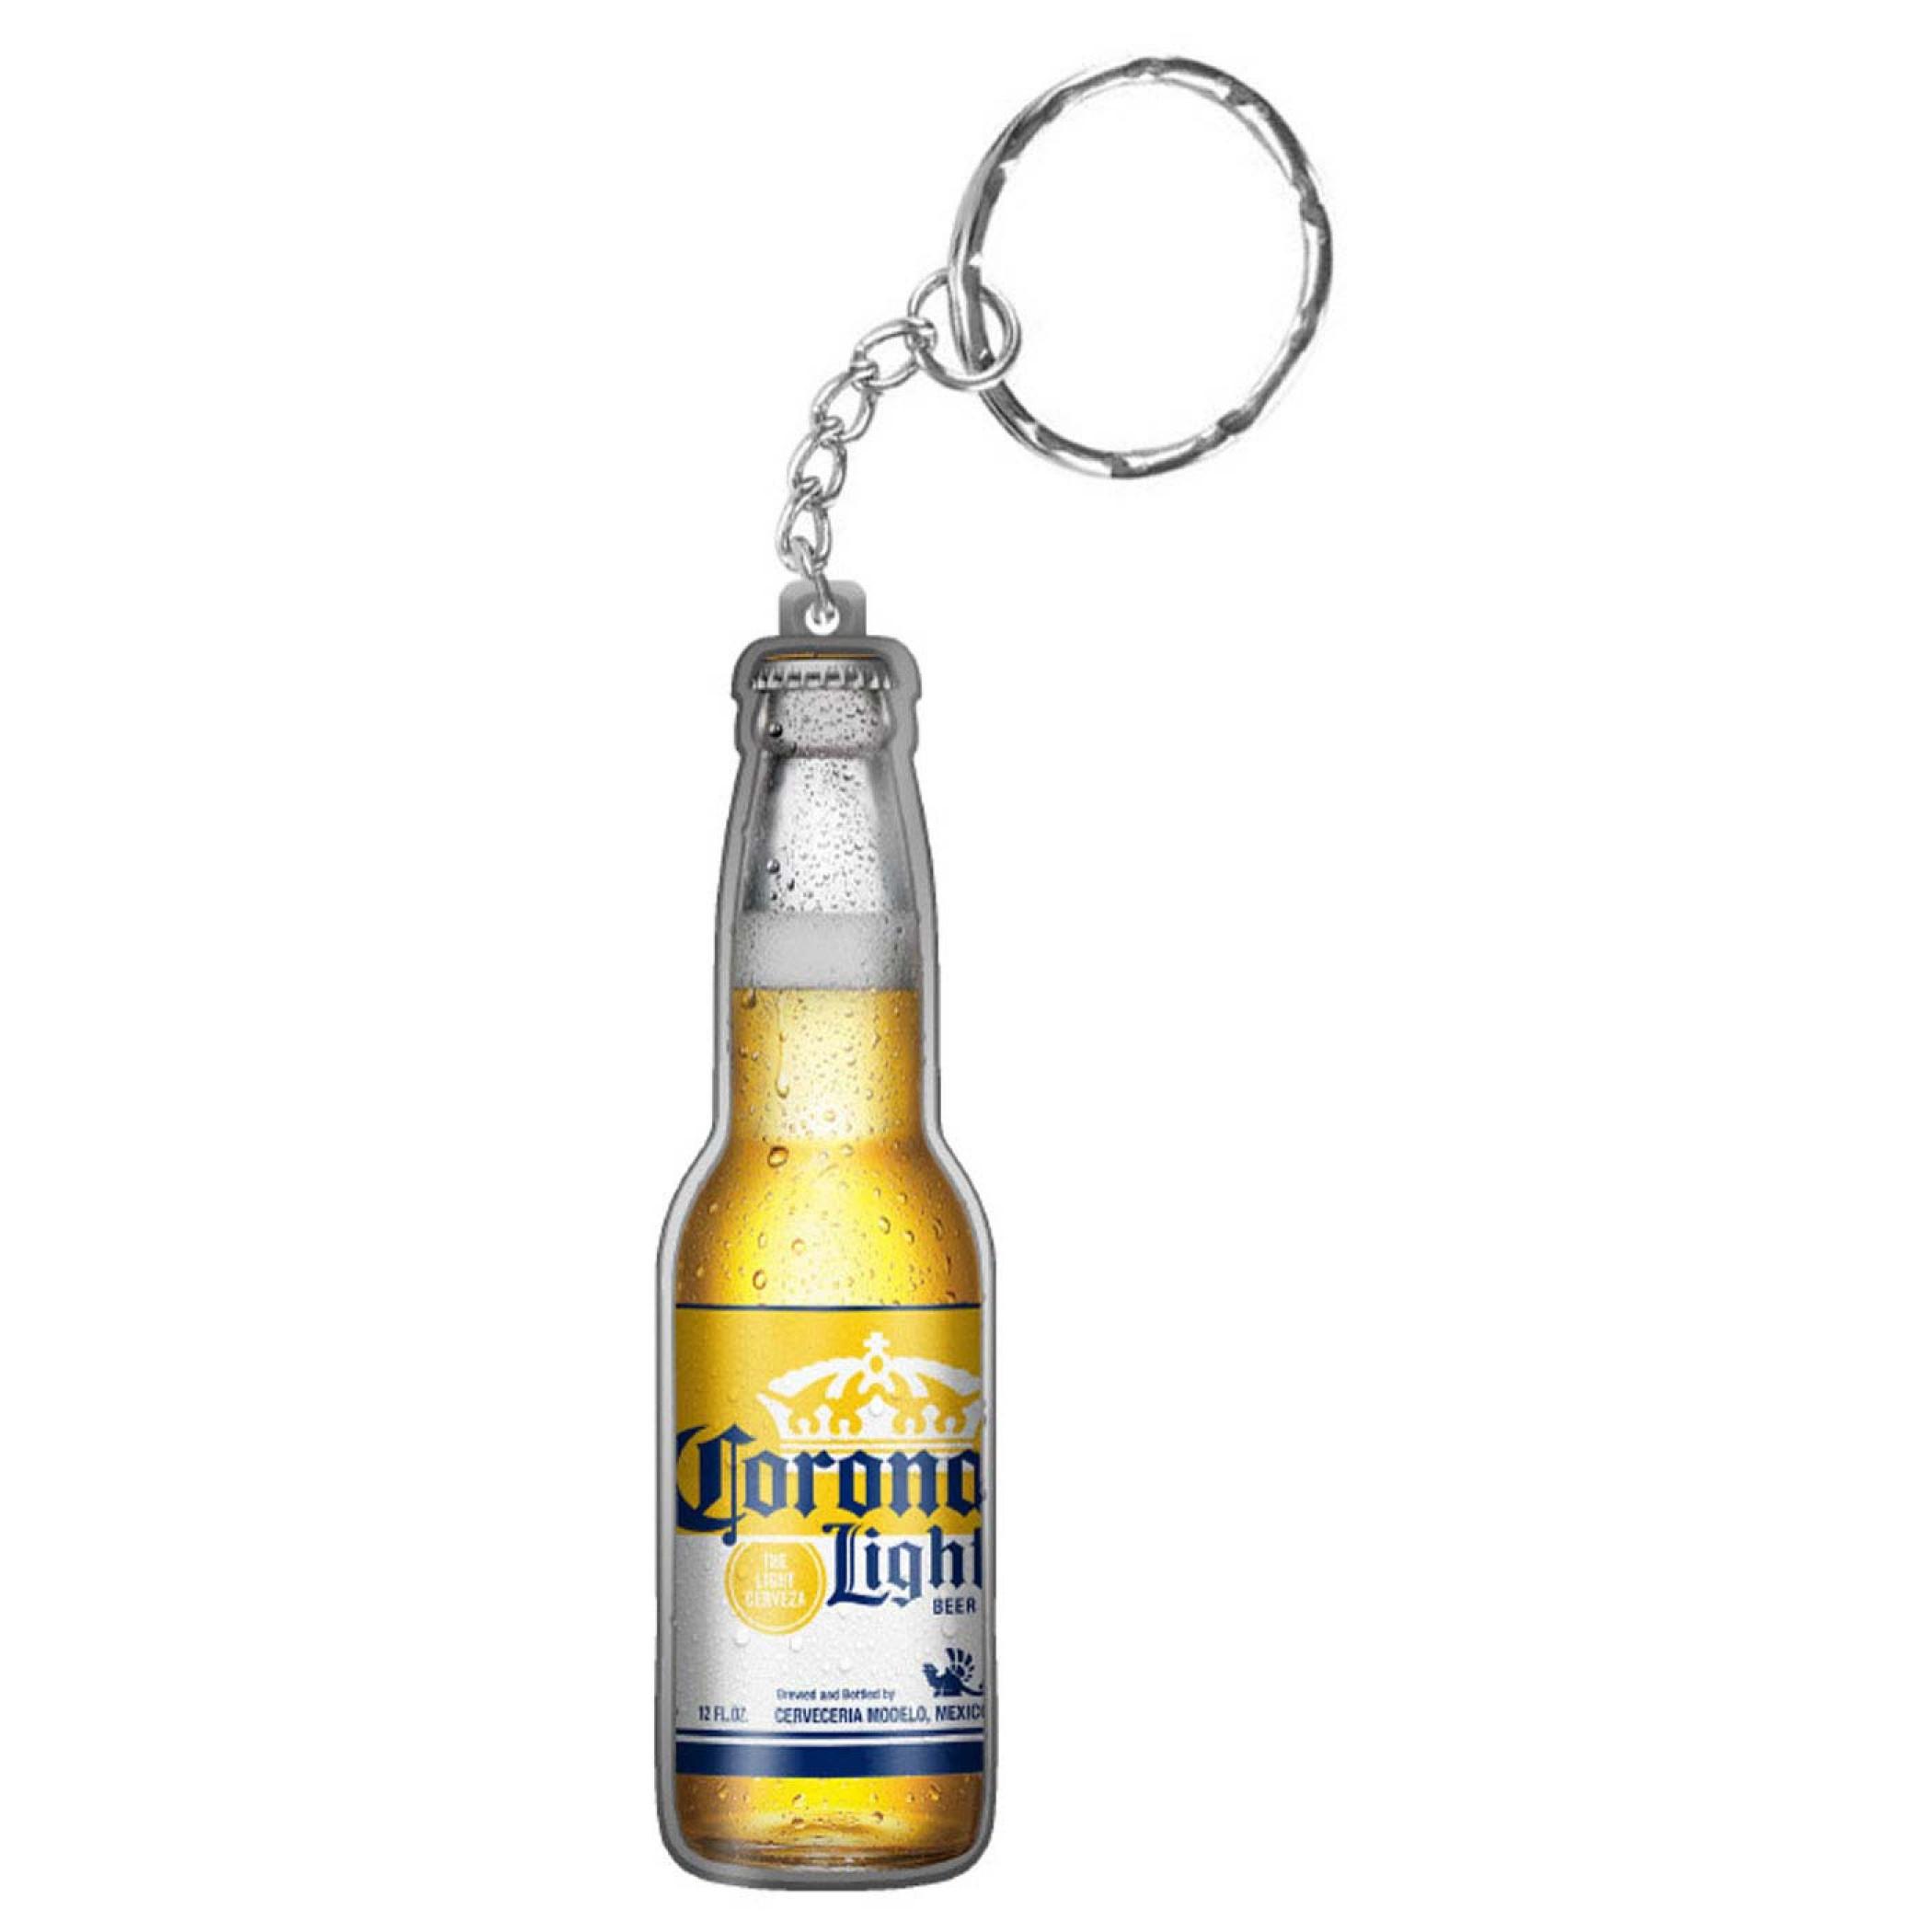 Corona Light Bottle Shaped Keychain